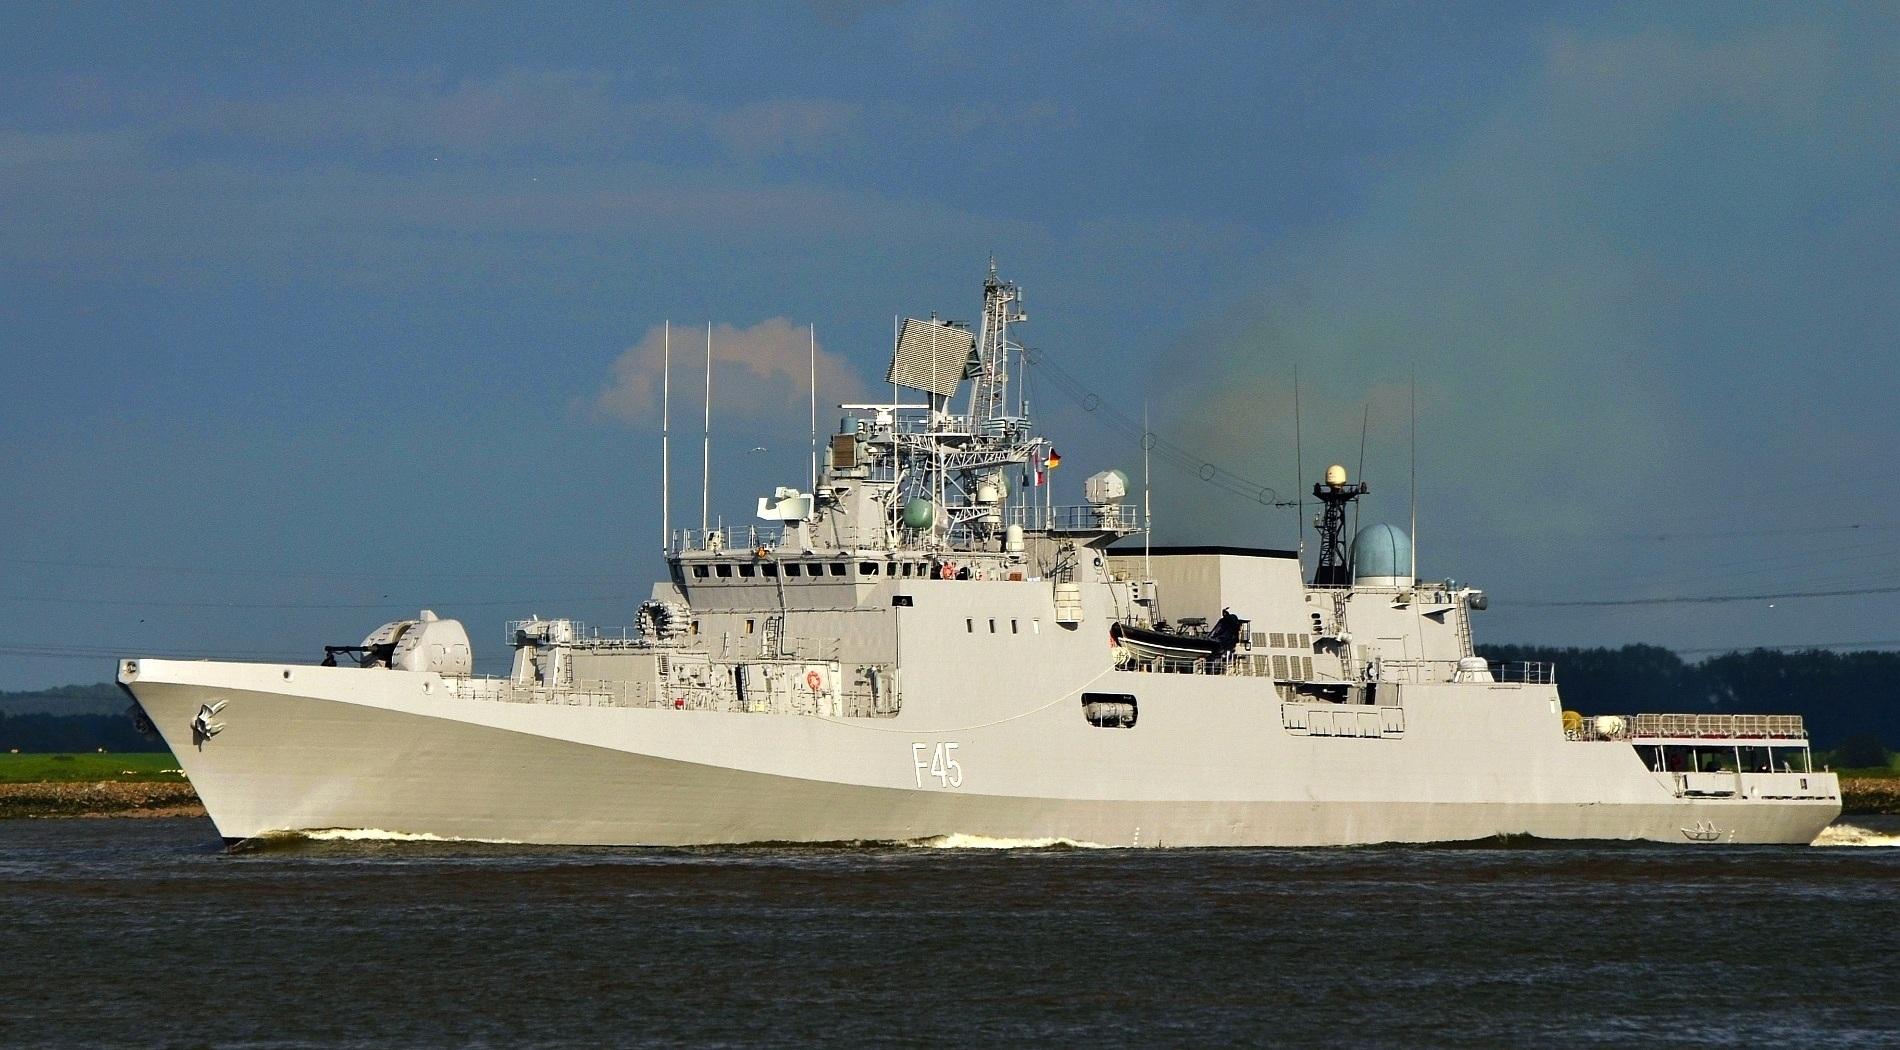 Фрегат ВМС Индии «Teg».  Источник: sdelanounas.ru.